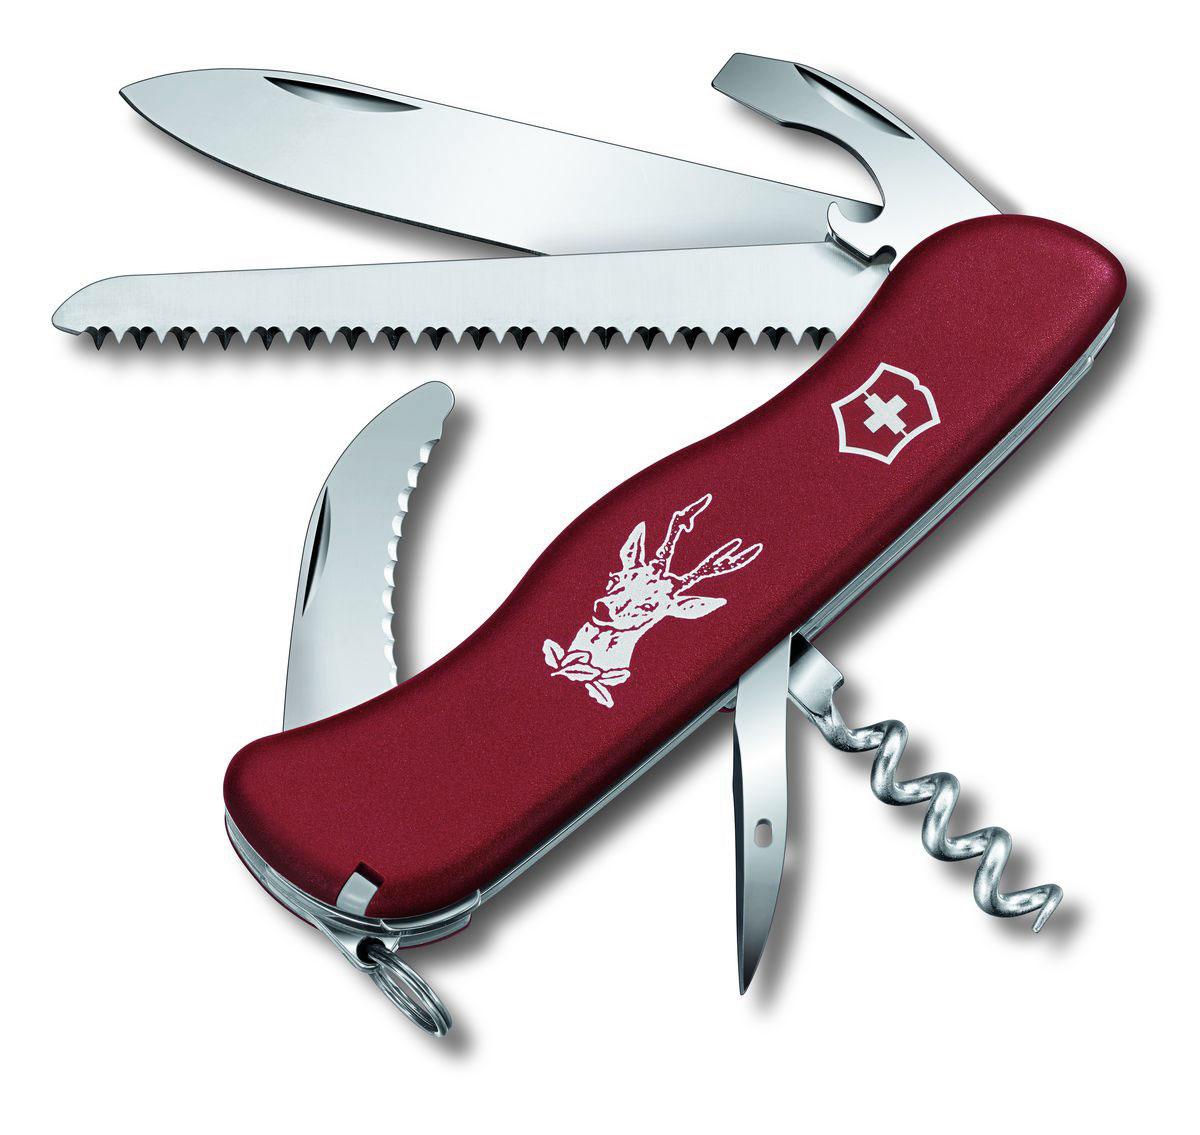 Нож перочинный Victorinox Hunter, цвет: красный, 12 функций, 11,1 см0.8873Лезвие перочинного складного ножа Victorinox Hunter изготовлено из высококачественной нержавеющей стали. Ручка, выполненная из прочного пластика, обеспечивает надежный и удобный хват.Хорошее качество, надежный долговечный материал и эргономичная рукоятка - что может быть удобнее на природе или на пикнике!Функции ножа:Фиксирующееся лезвие.Штопор.Пила по дереву.Лезвие для разделки туш.Универсальный инструмент с открывалкой для бутылок.Консервный нож.Отвертка.Инструмент для снятия изоляции.Шило, кернер.Кольцо для ключей.Пинцет.Зубочистка.Длина ножа в сложенном виде: 11,1 см.Длина ножа в разложенном виде: 19,5 см.